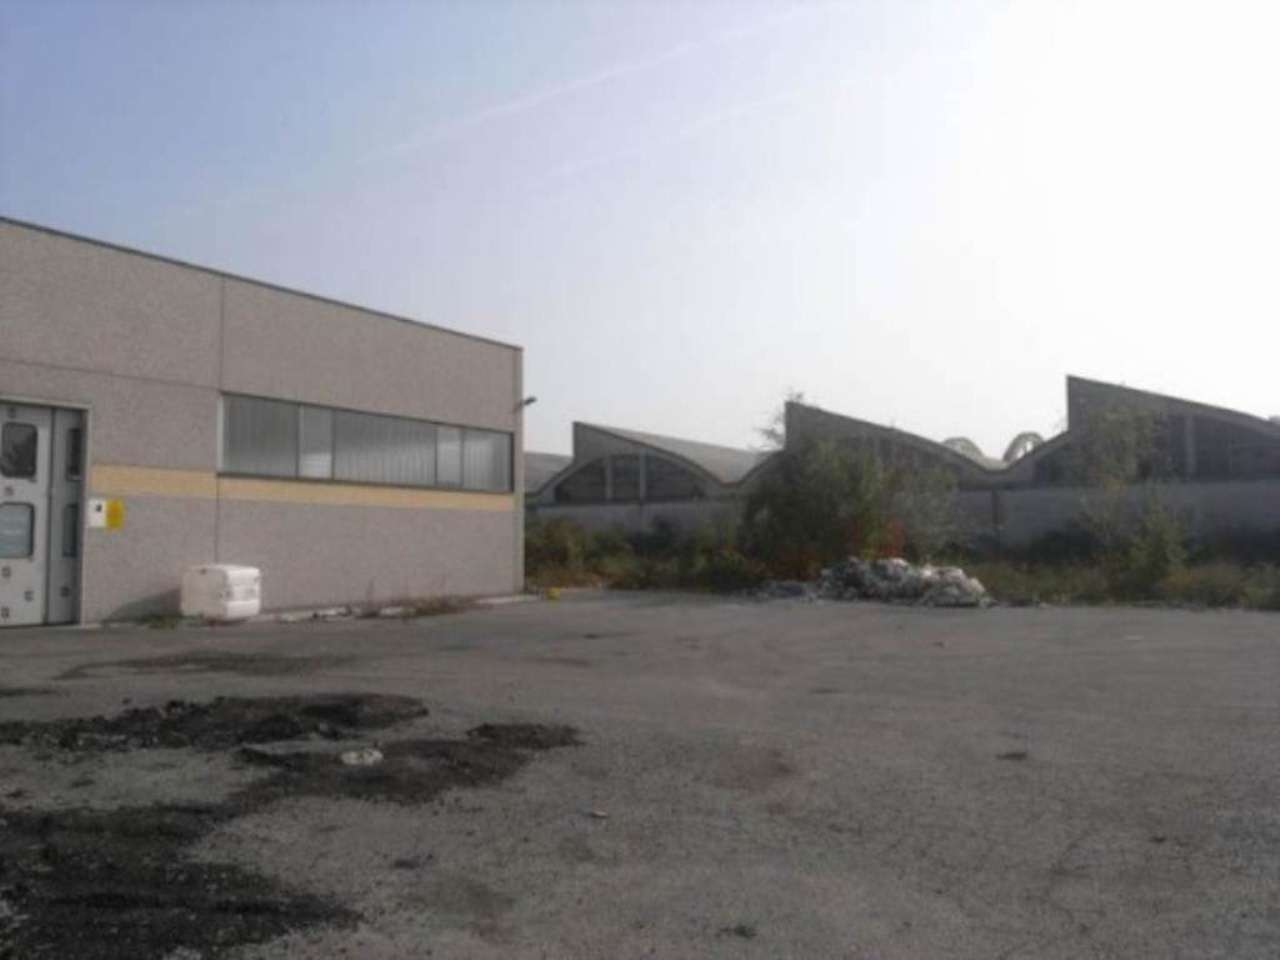 Terreno Edificabile Artigianale in vendita a Baranzate, 9999 locali, prezzo € 4.500.000 | Cambio Casa.it